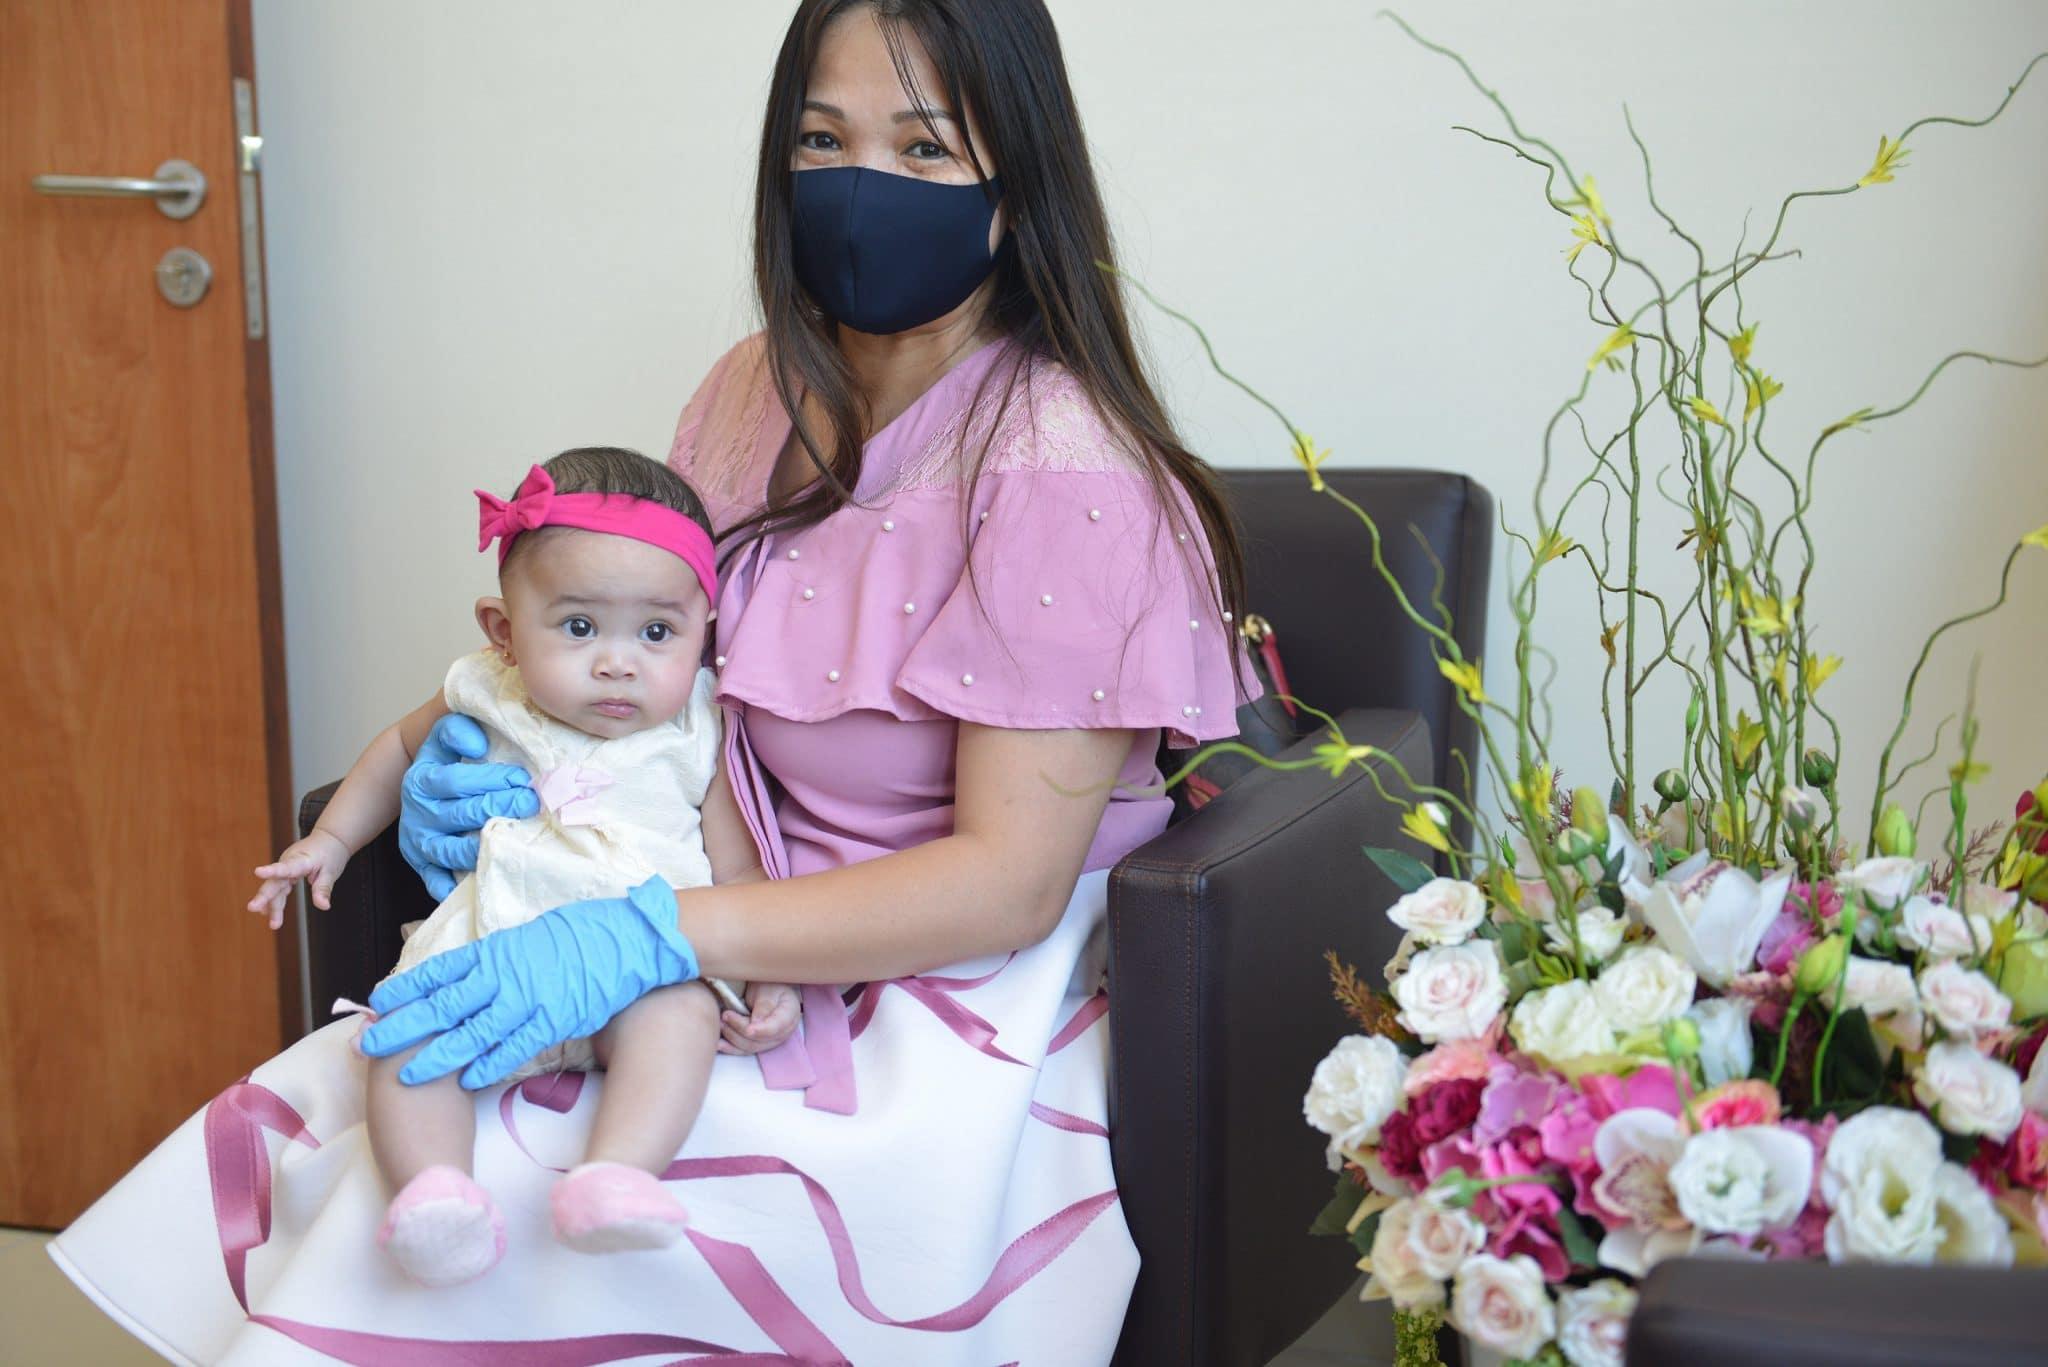 أصغر طفلة مُصابة بكورونا